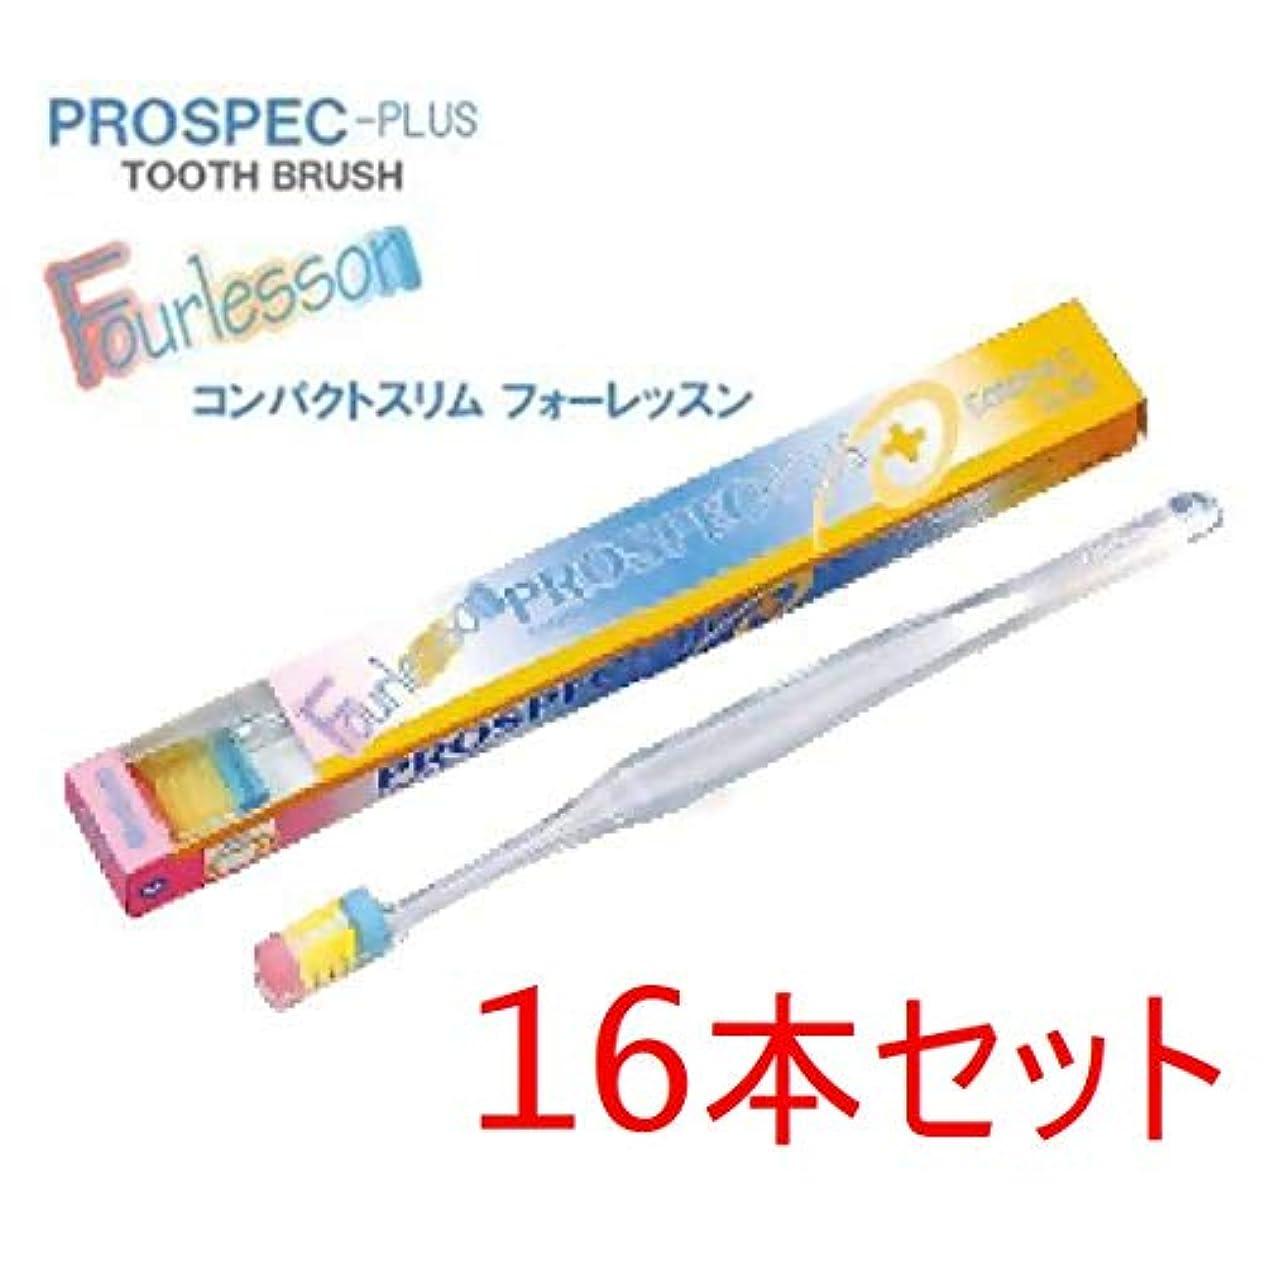 応用環境イディオムプロスペック 歯ブラシ コンパクトスリム 16本 フォーレッスン 毛の硬さ ふつう